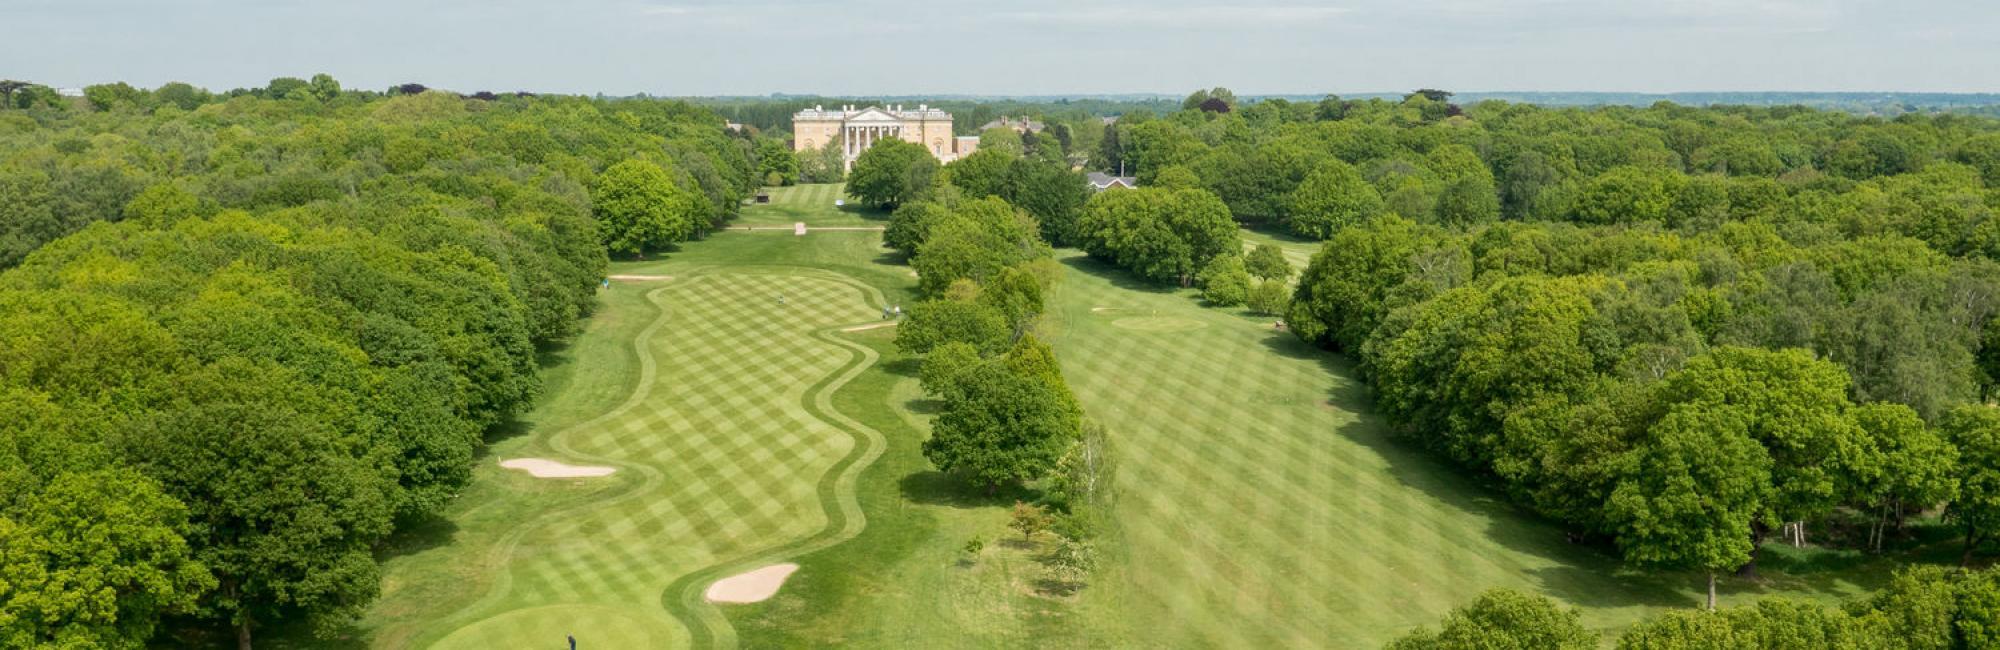 Thorndon Park Golf Club, plan a golf trip in Essex